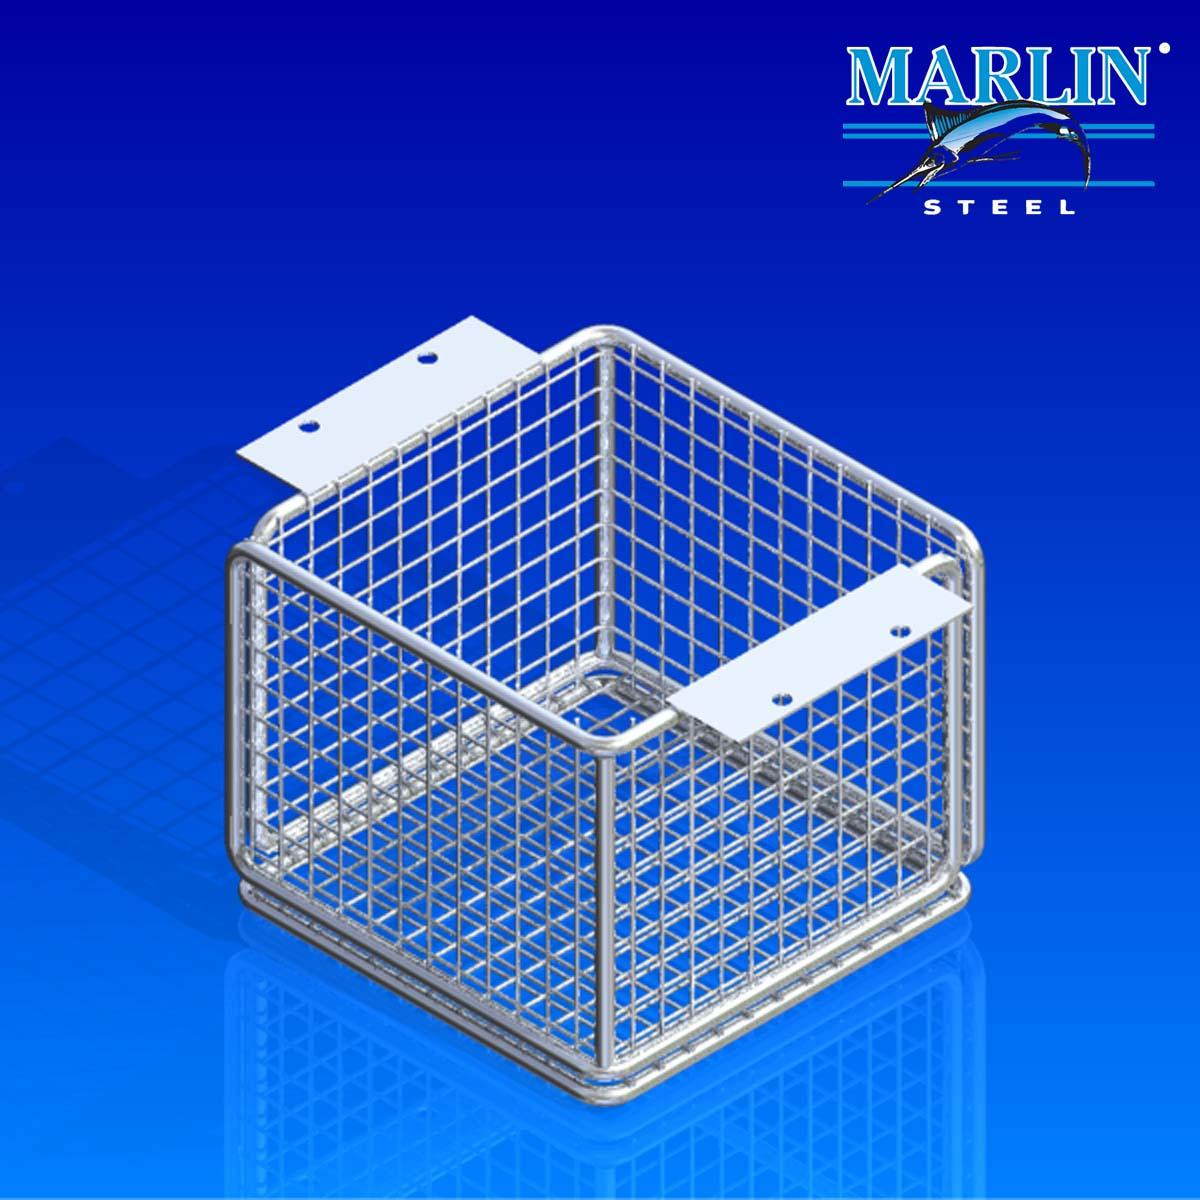 Marlin Steel Wire Basket 876004